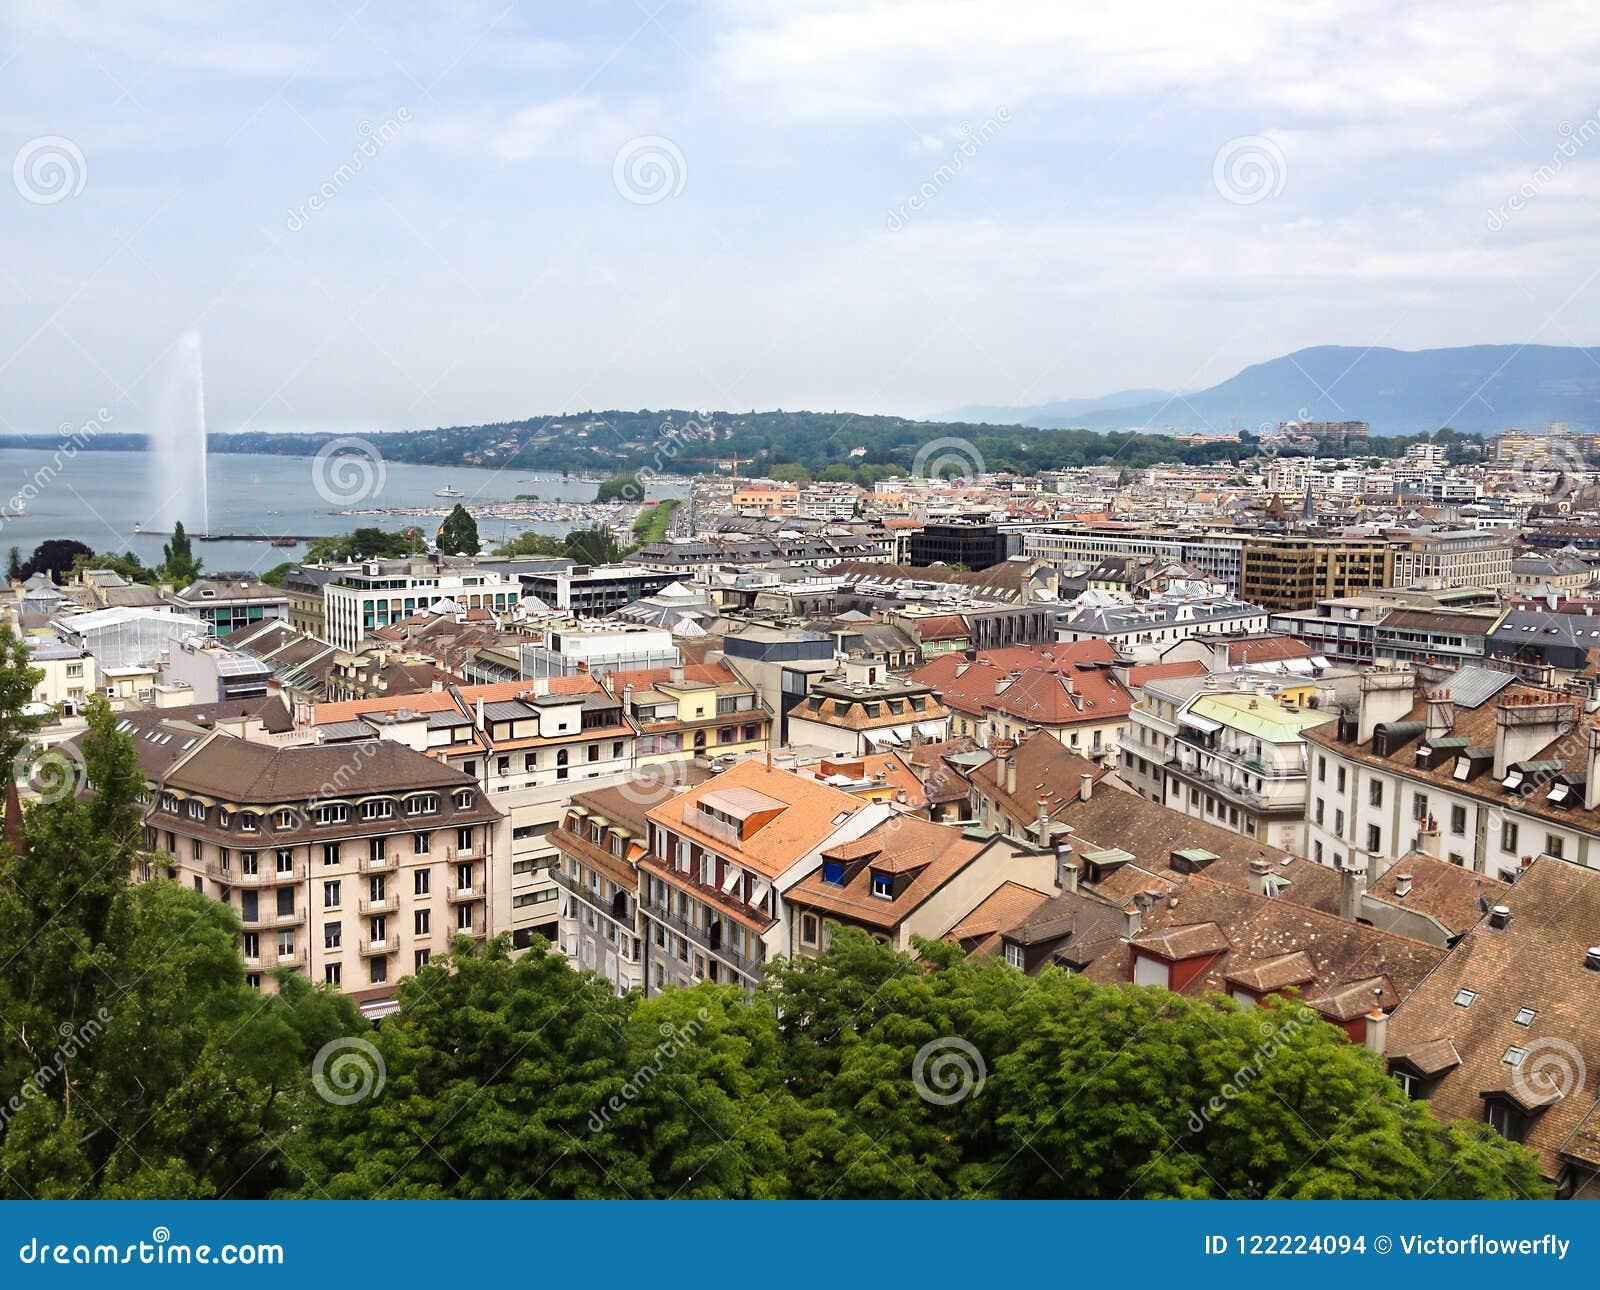 Τοπ άποψη της παλαιών κωμόπολης και της λίμνης Γενεύη της Γενεύης με την αεριωθούμενη πηγή δ ` EAU ως σύμβολο της πόλης της Γενεύ